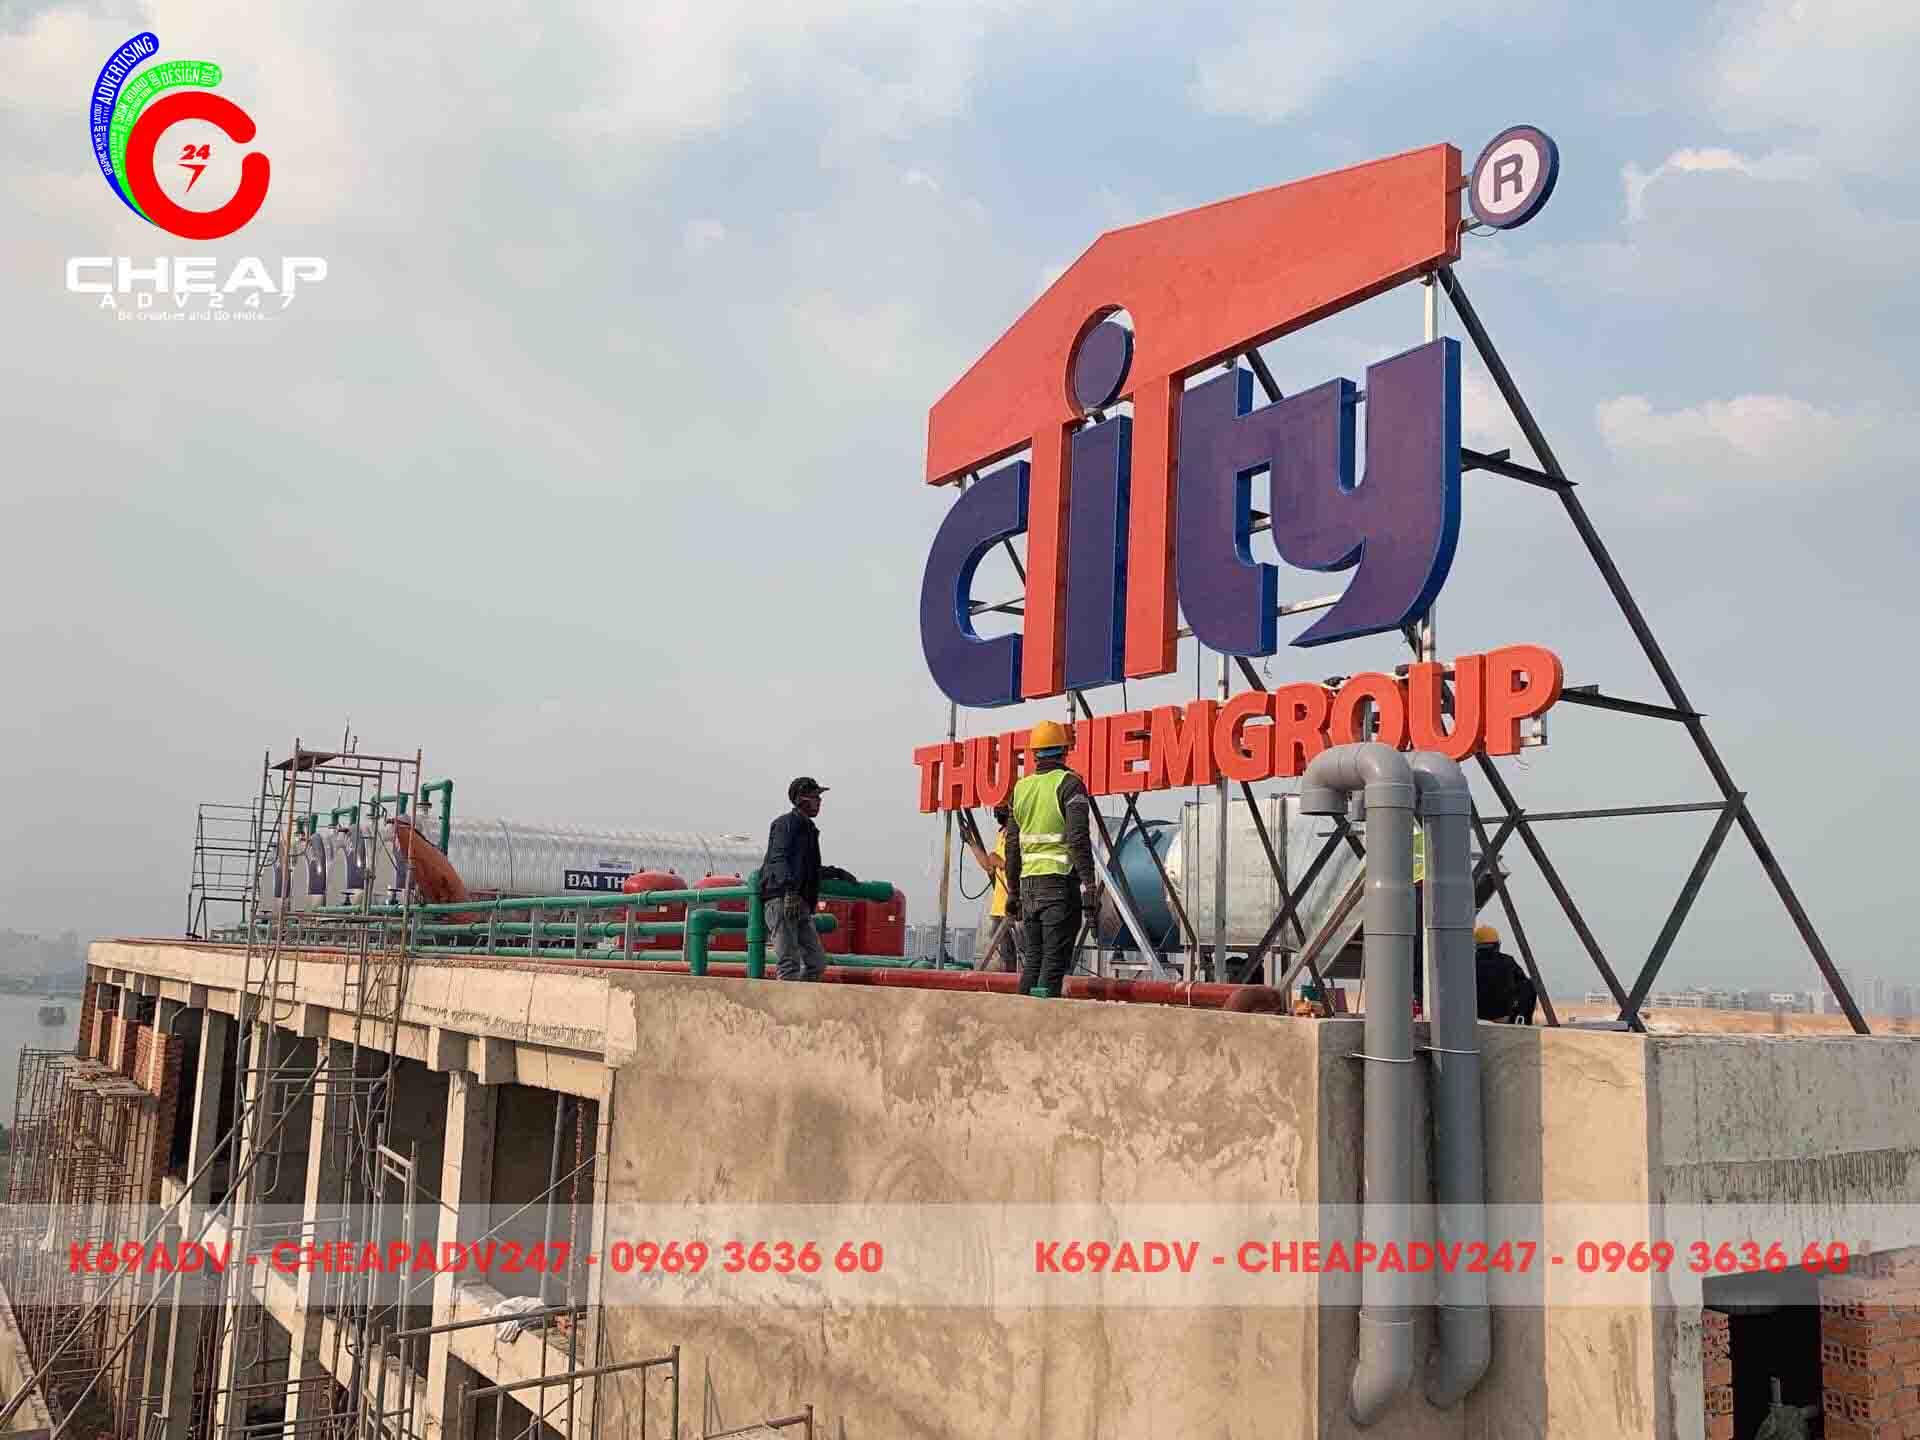 Công trình thi công làm bảng hiệu tòa nhà THUTHIEMGROUP CITY của Cheapadv247